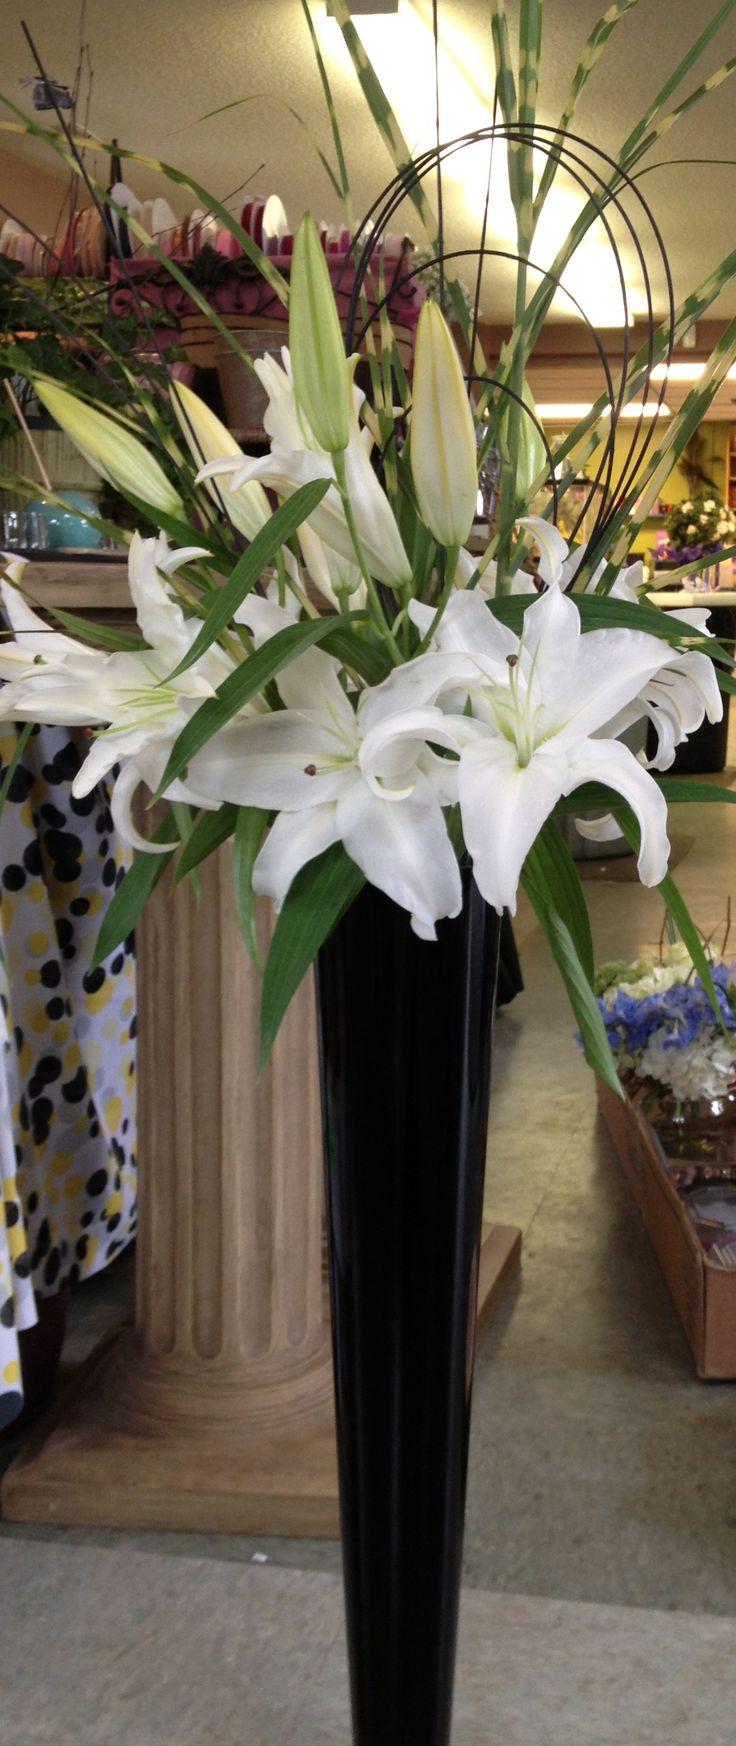 Best lilies flower arrangement images on pinterest